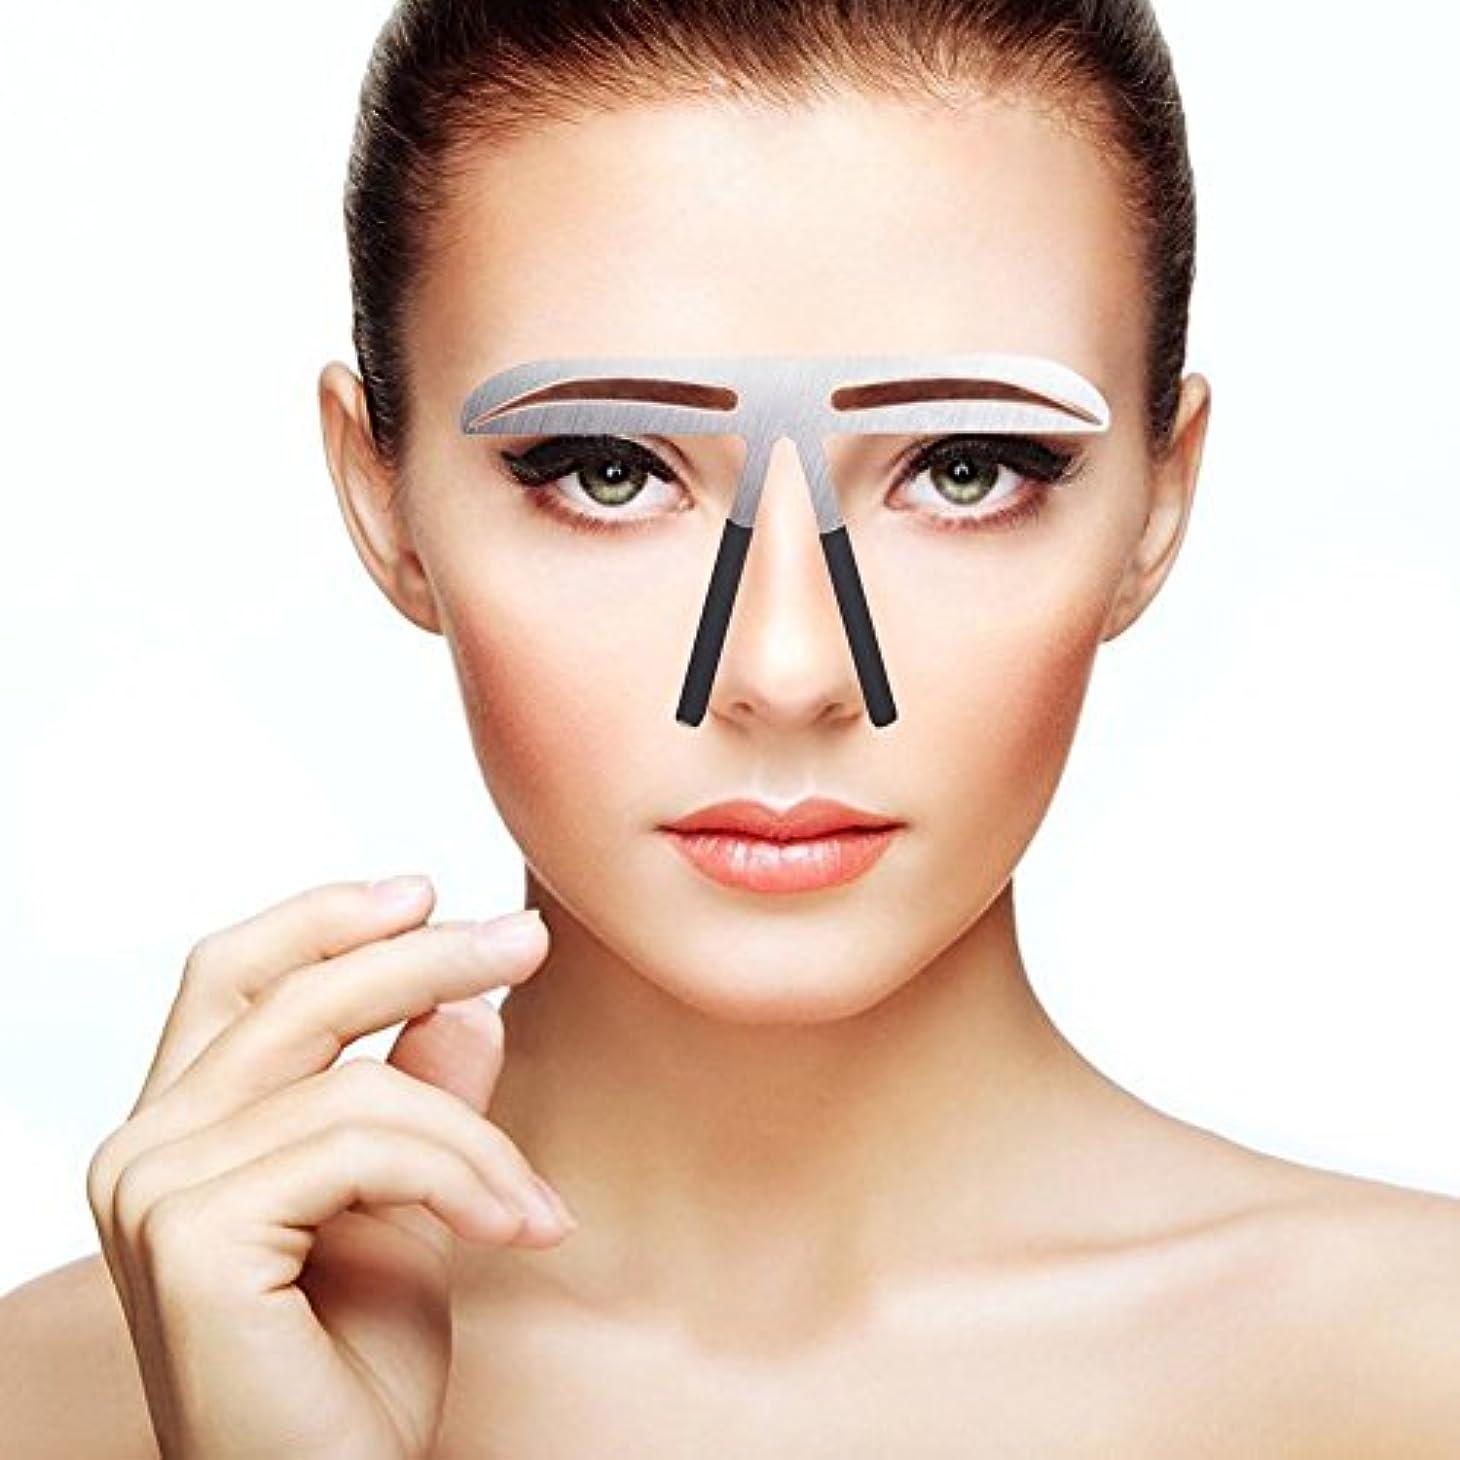 不振ますますすみません眉毛テンプレート、眉用ステンシル メイクアップ 美容ツール アイブローテンプレート アートメイク用定規 左右対称 位置決め 繰り返し使用 便利 初心者眉の補助器 男女兼用(04)